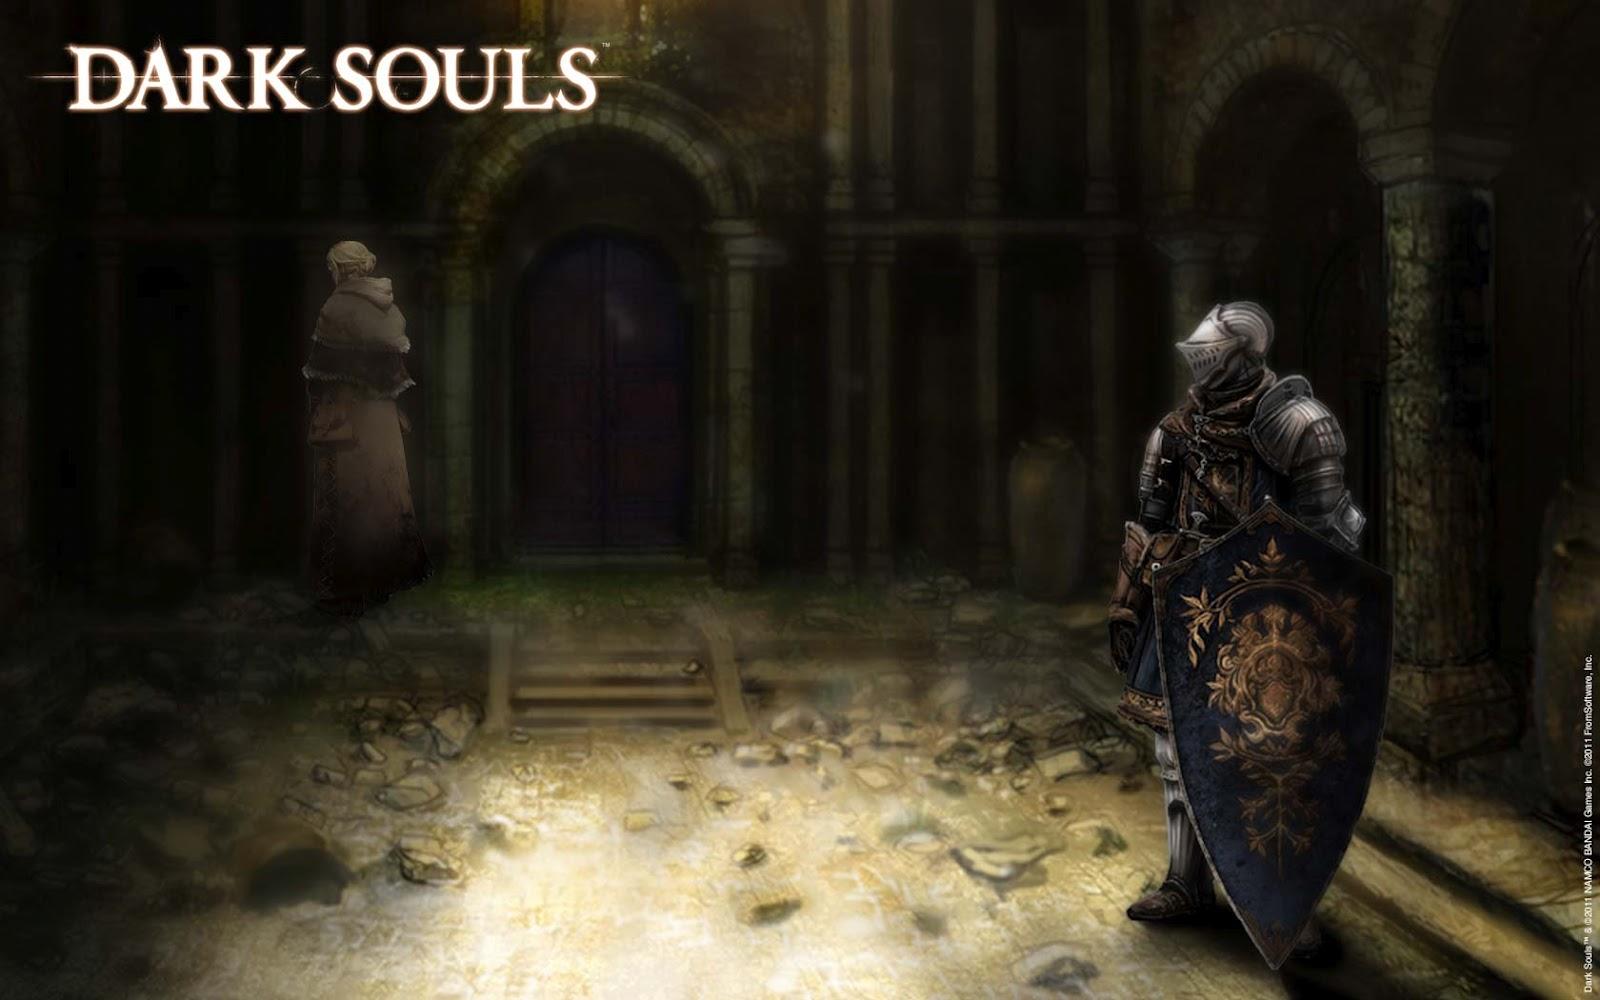 http://2.bp.blogspot.com/-MBA2f6PAtwU/T4NVuuSrc1I/AAAAAAAABPU/OkoFrYL2W7U/s1600/Dark-Souls_Wallpaper2_1680X1050.jpg